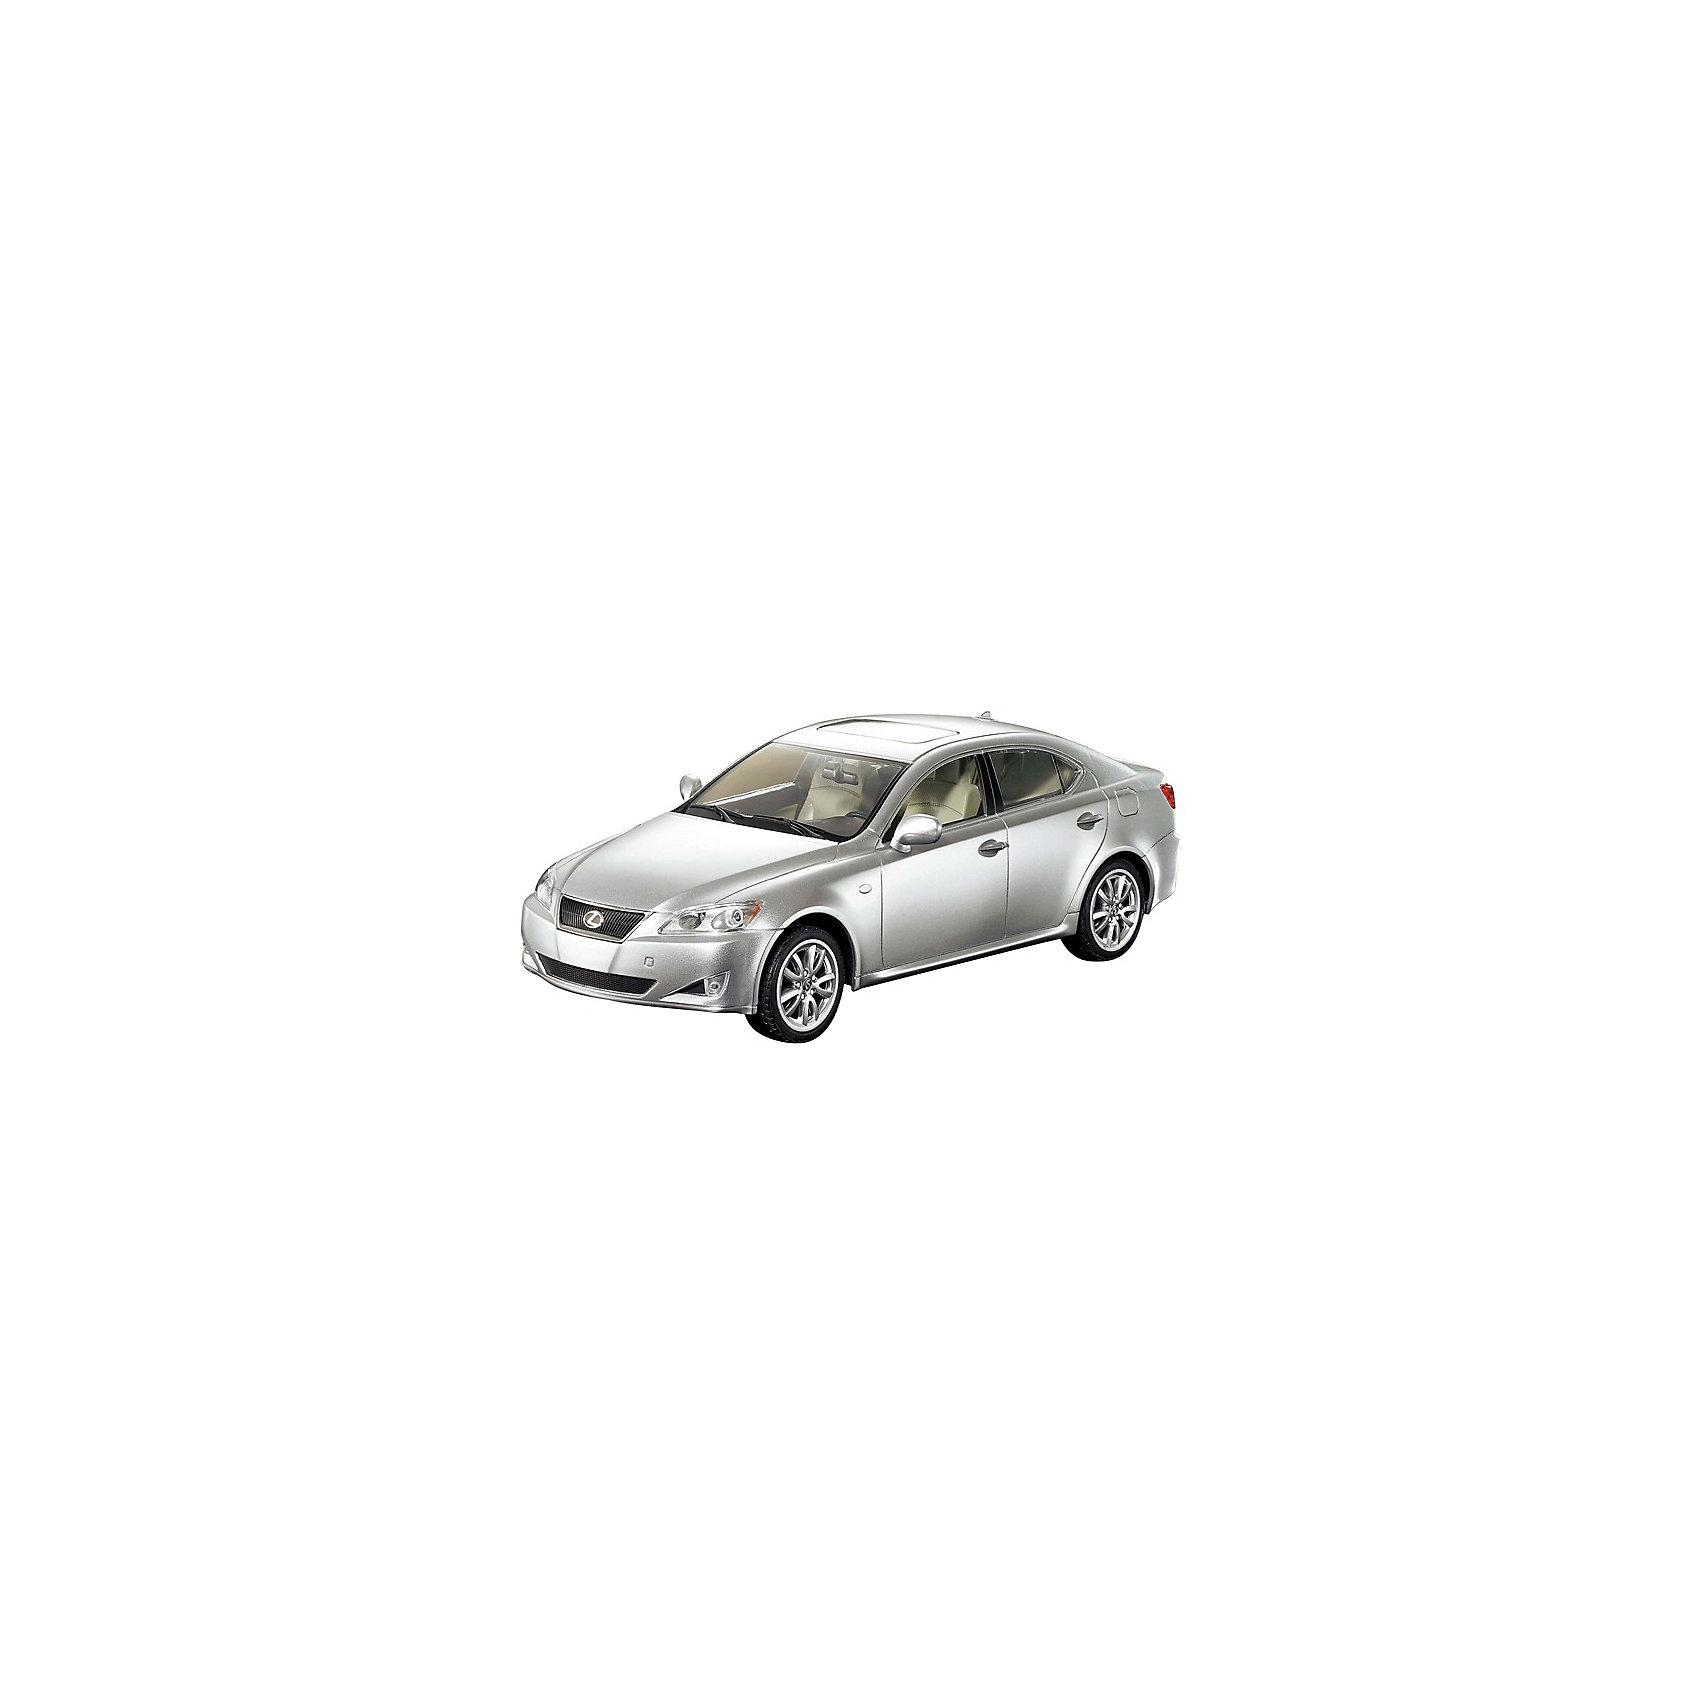 RASTAR Радиоуправляемая машина Lexus IS 350 1:24